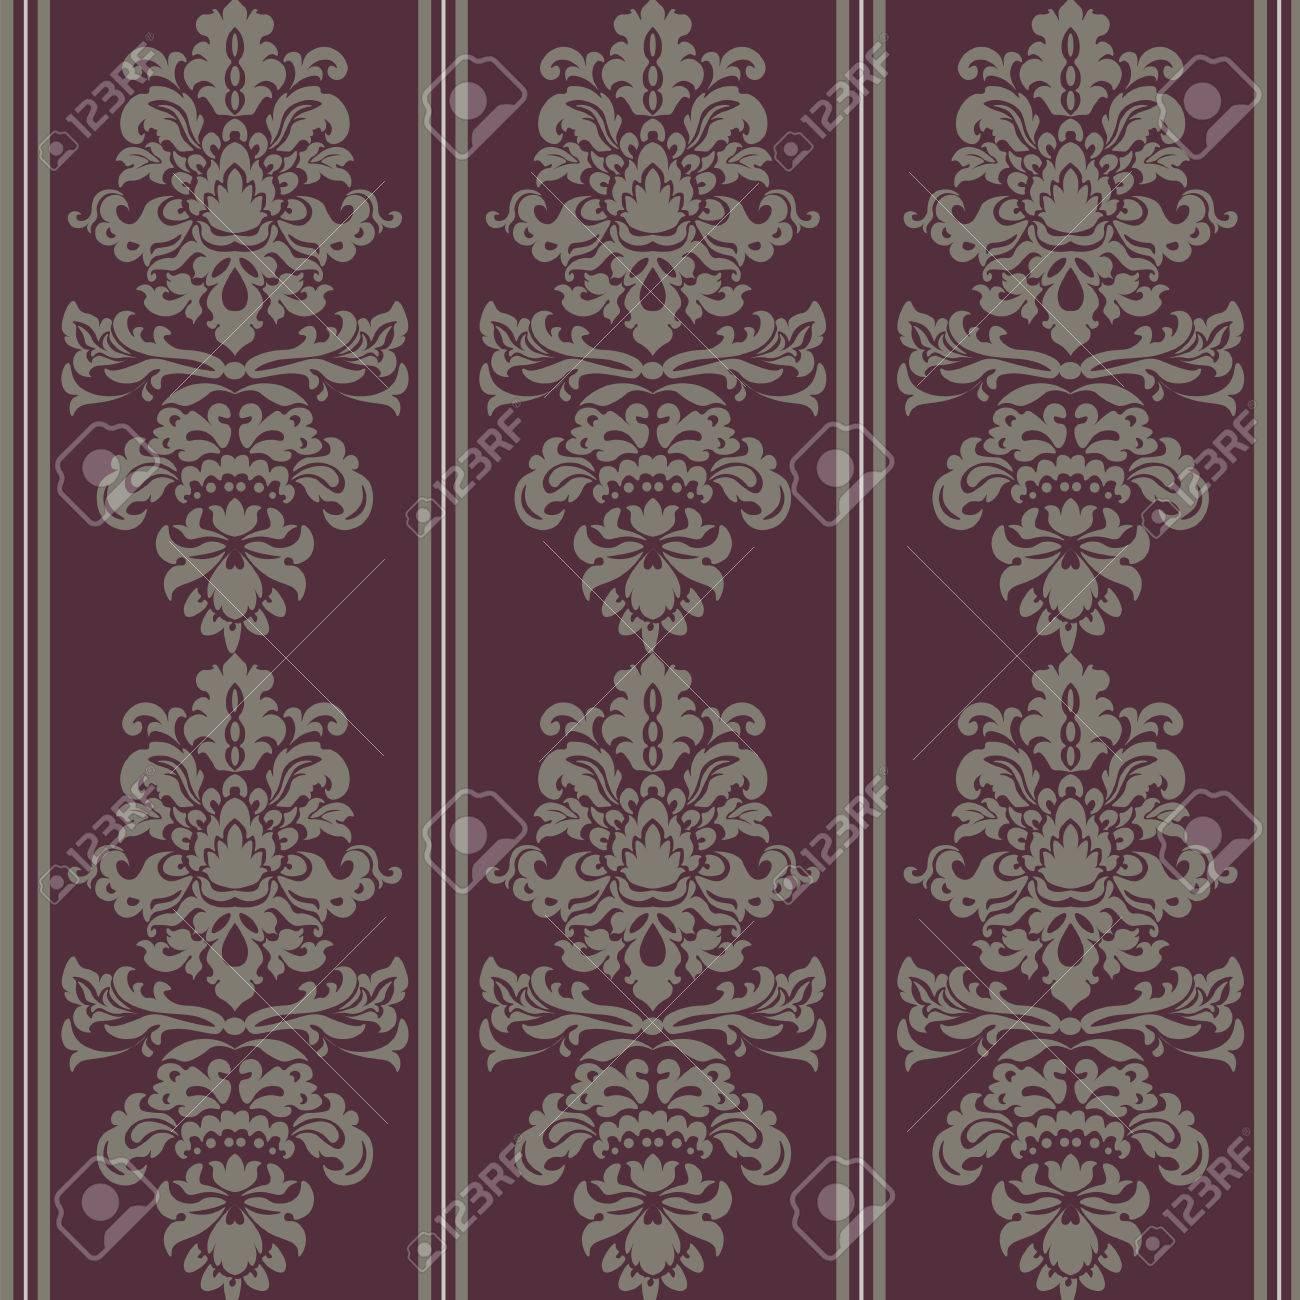 Ornement De Motif Baroque Element Floral Vintage De Damasse De